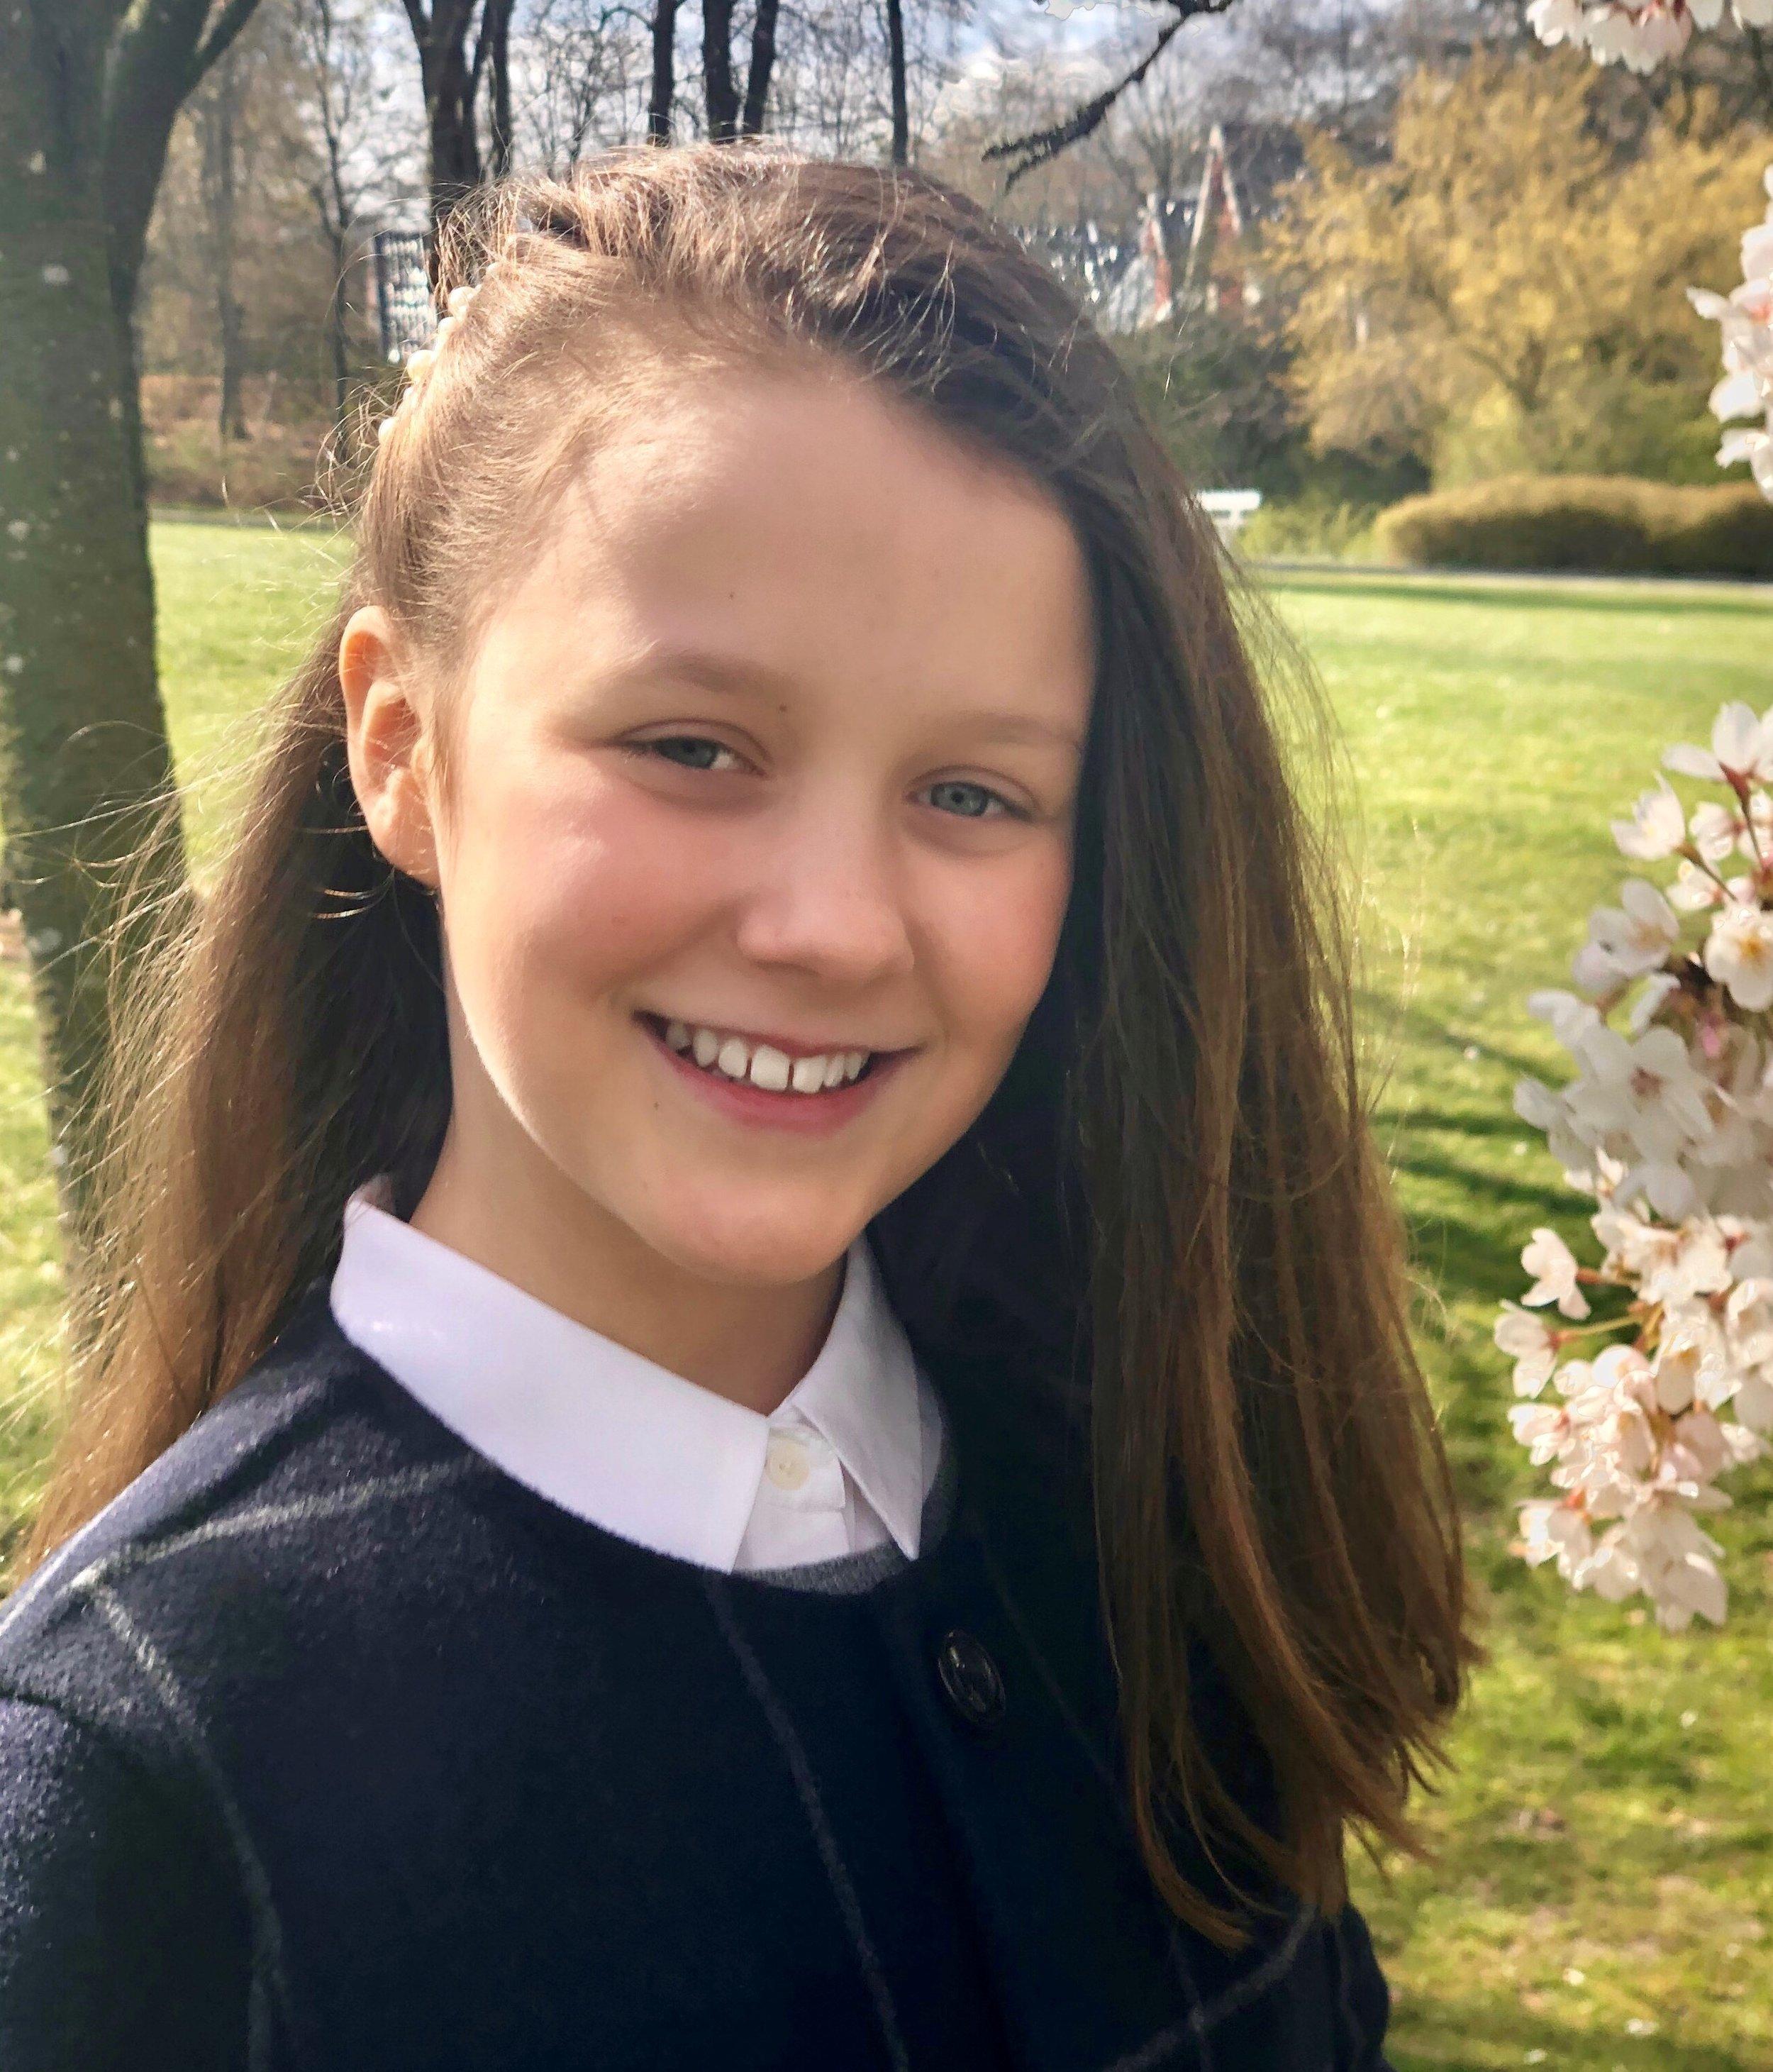 Kronprinzessin Mary hat die Fotos ihrer Tochter selbst geschossen. Hat die gebürtige Australierin sie auch nachbearbeitet?  ©Kronprinzessin Mary